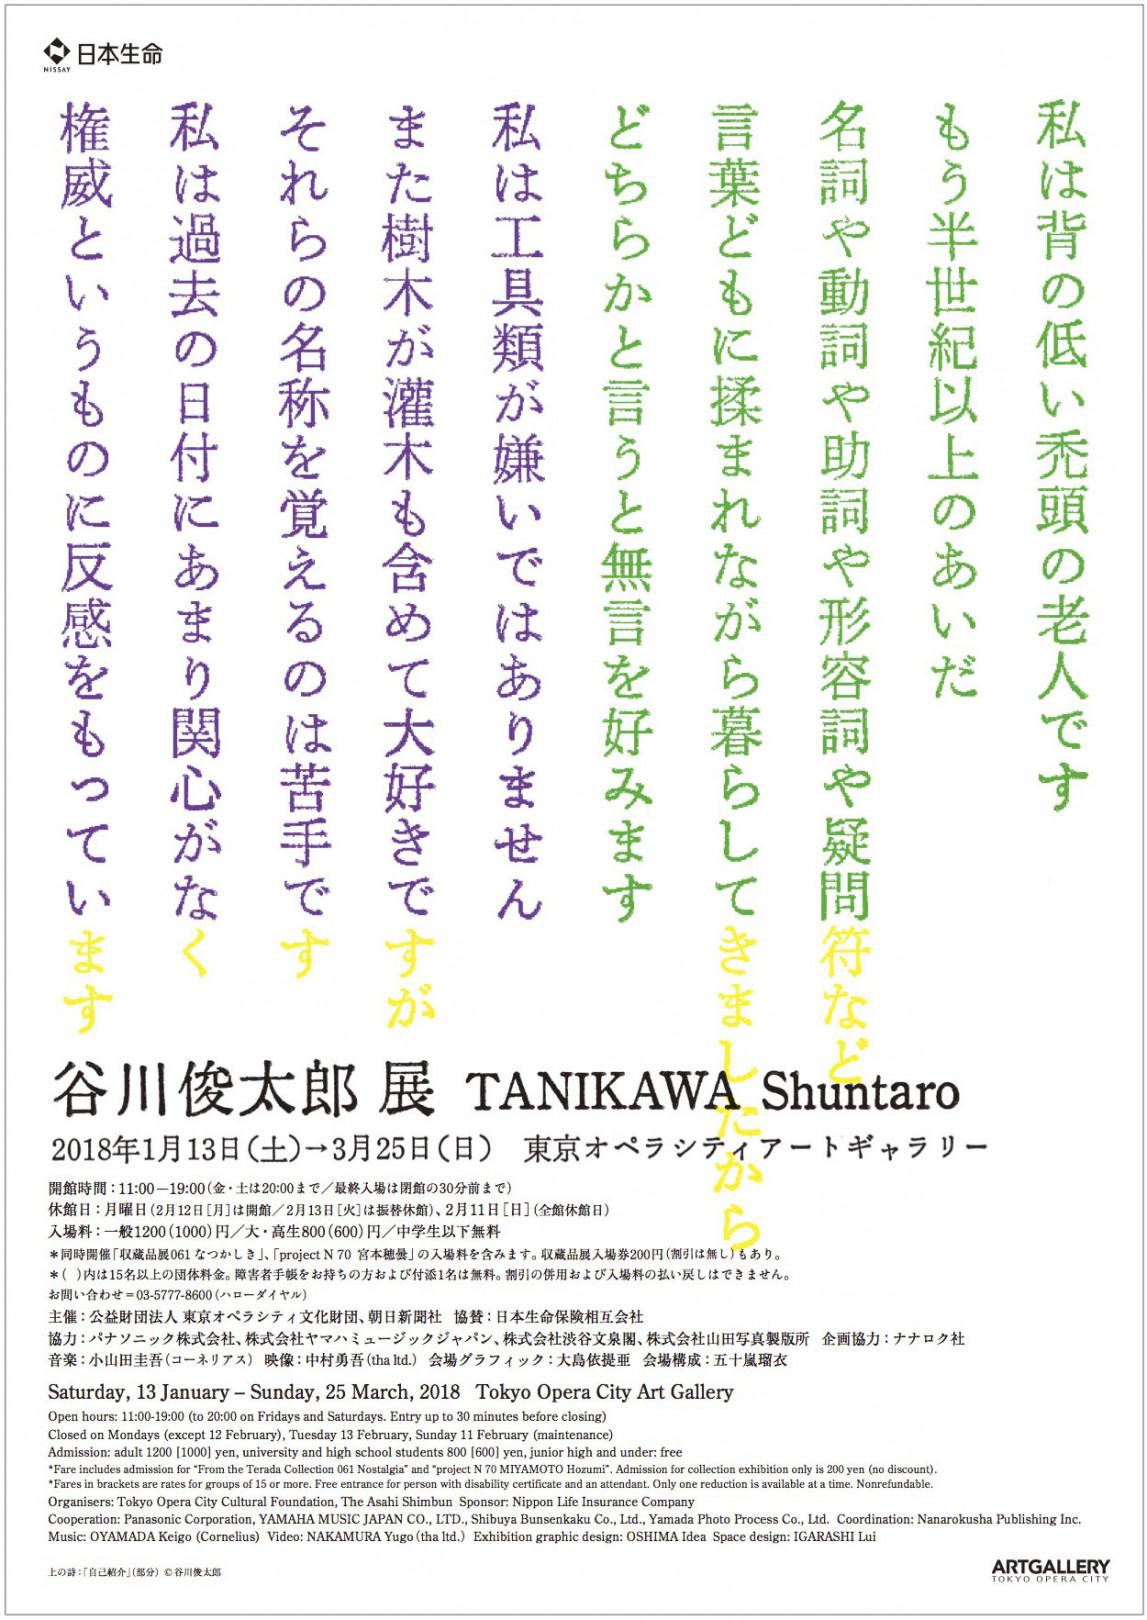 「谷川俊太郎展 TANIKAWA Shuntaro」